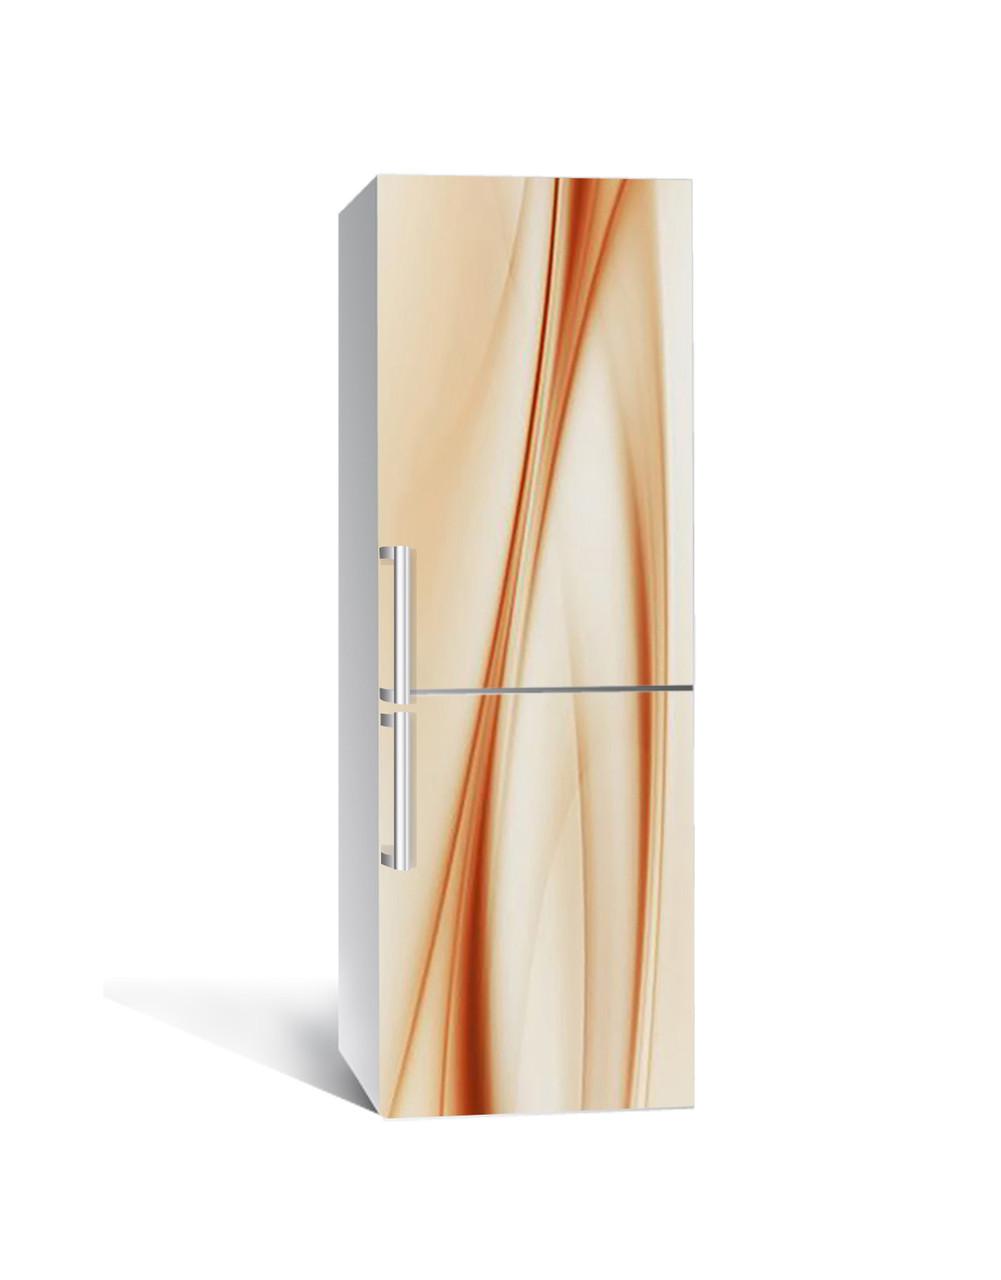 Наклейка на холодильник Шовкові Лінії (плівка ПВХ з ламінуванням) 65*200см Абстракція Бежевий